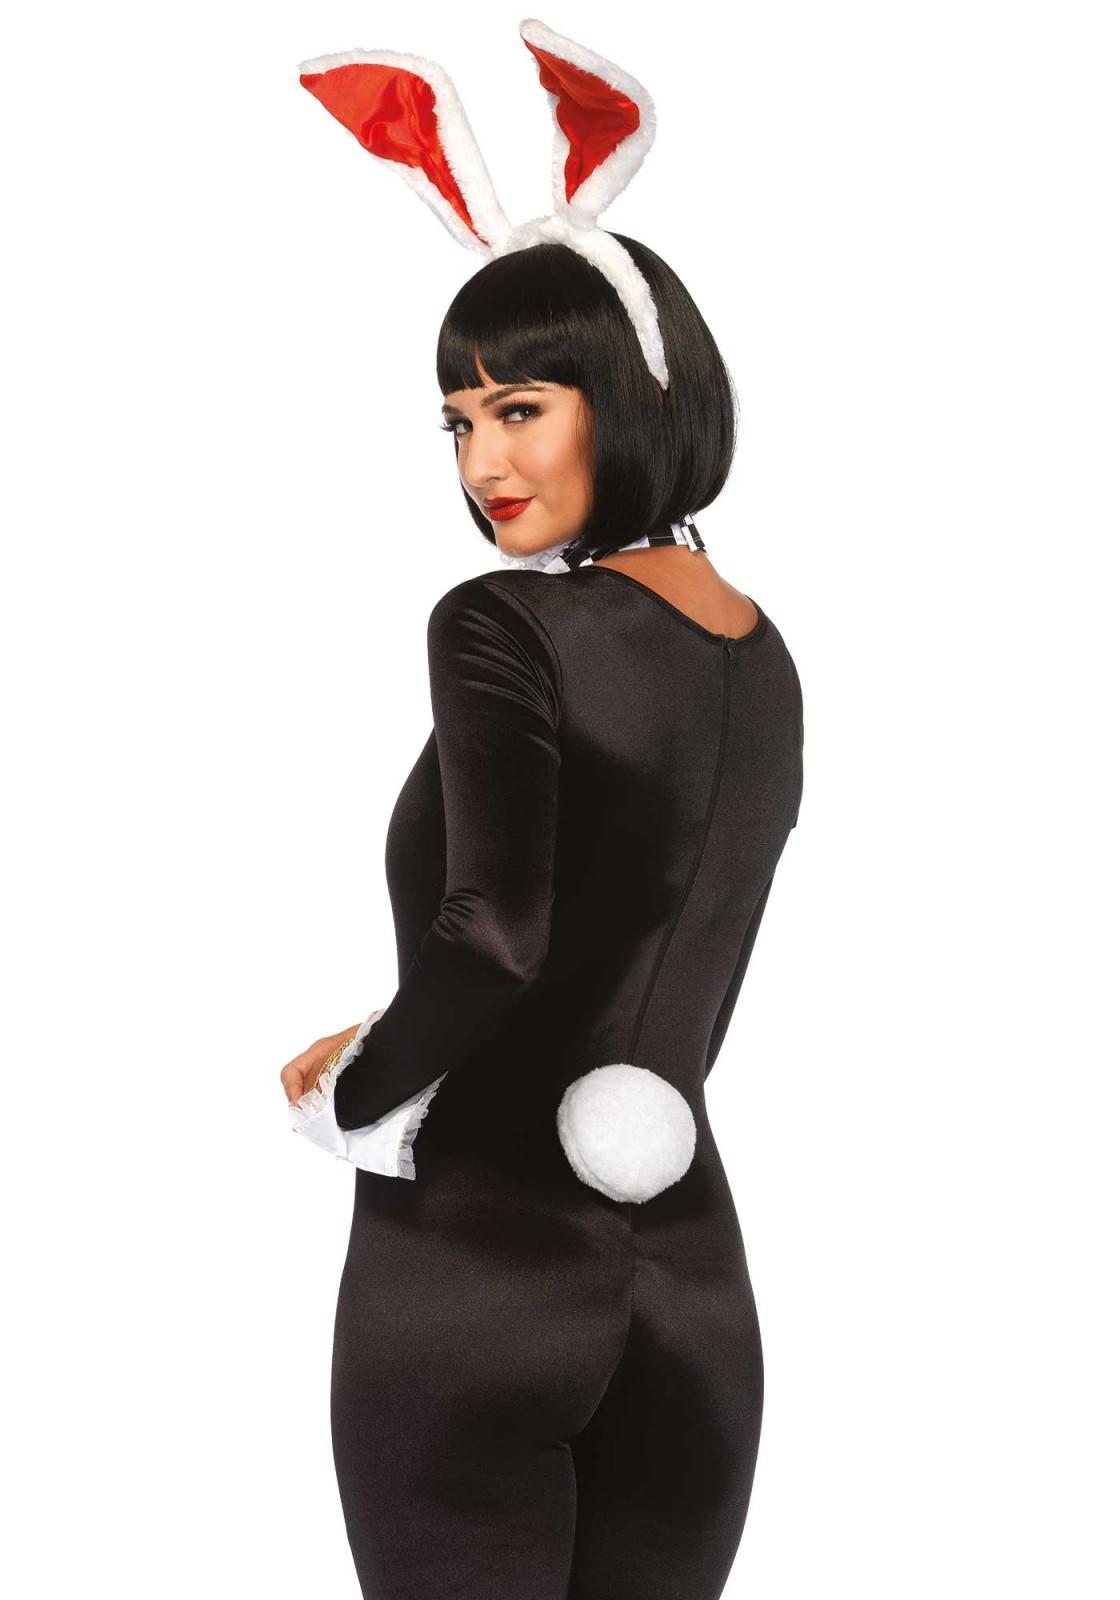 4 pc. Kit Accessoires Lapin Blanc. Il comprend un tour de cou en dentelle à volants, des manchettes ornées d'un coeur à paillettes, une queue à clip et un serre-tête oreilles.